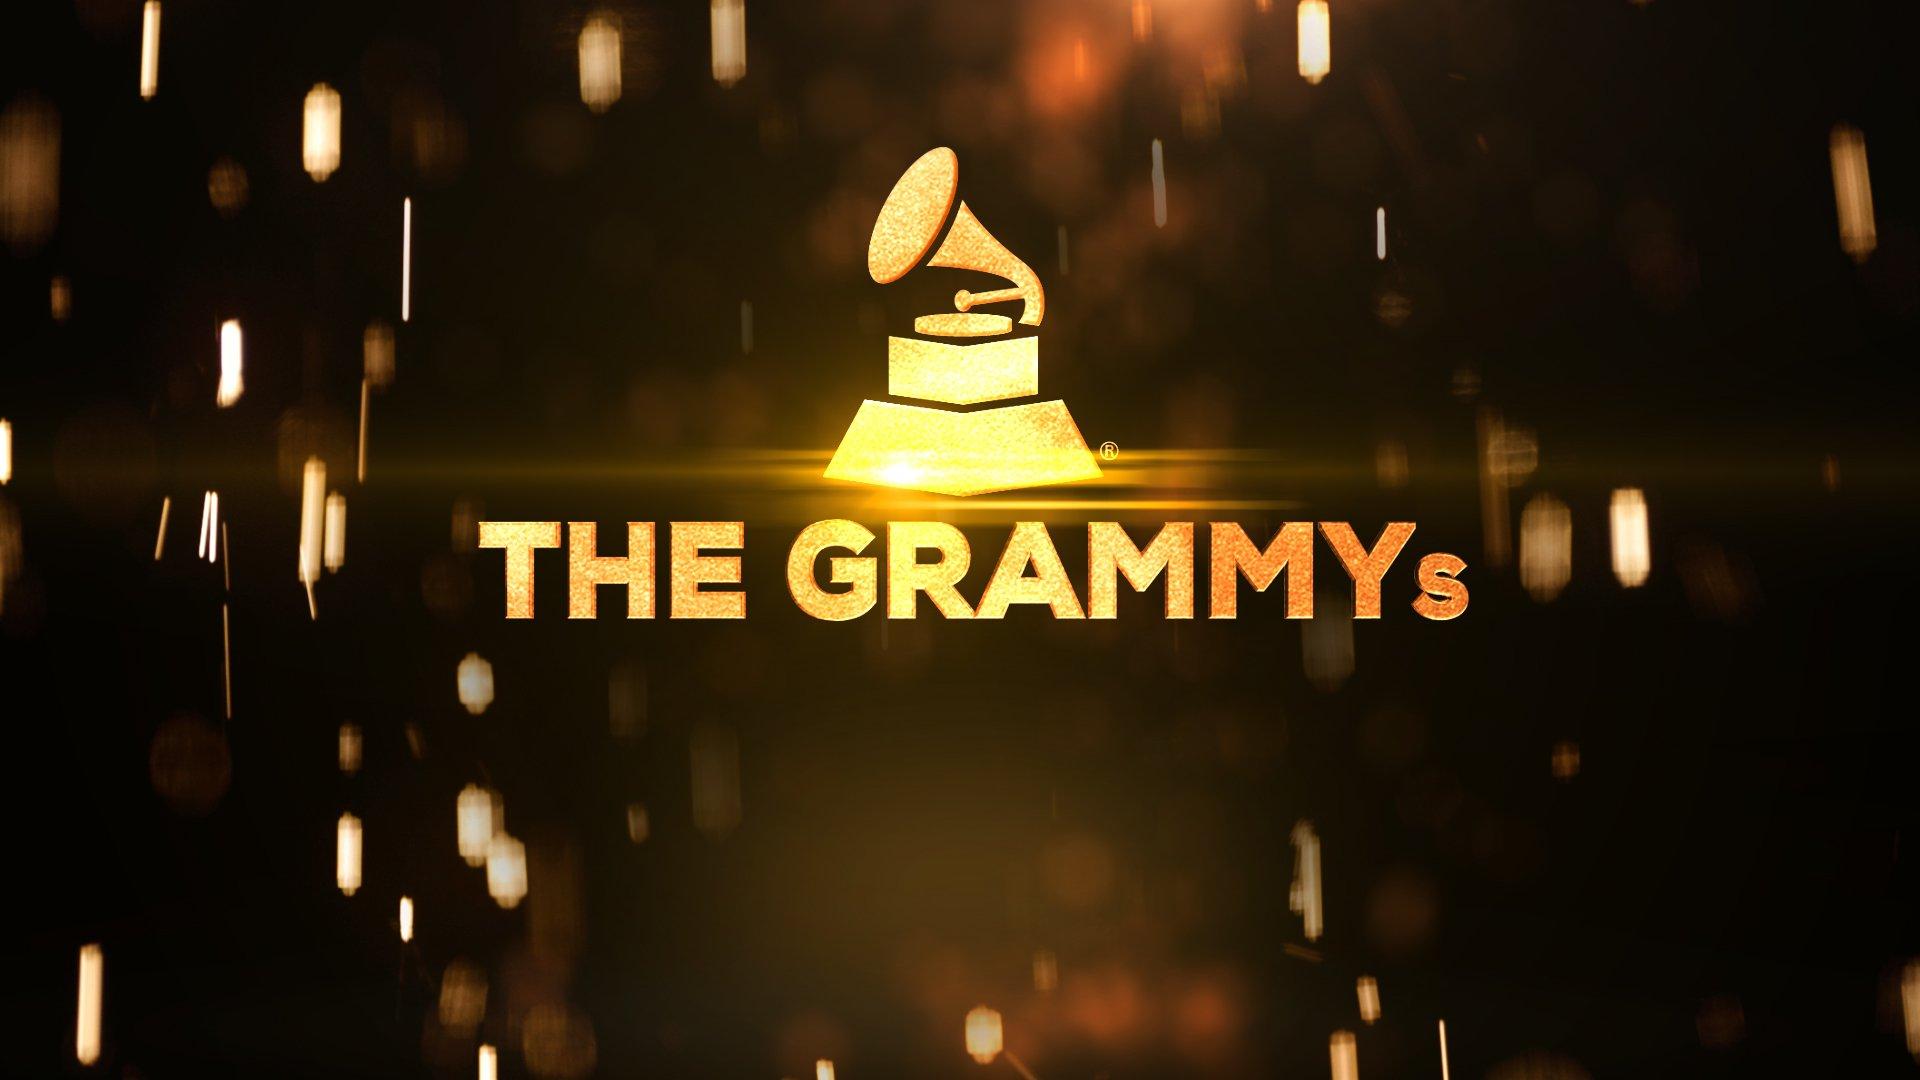 the grammys 2018.jpg?resize=300,169 - Grammy 2018 : pour la 1ère fois, aucun homme blanc n'est nominé pour l'Album de l'année